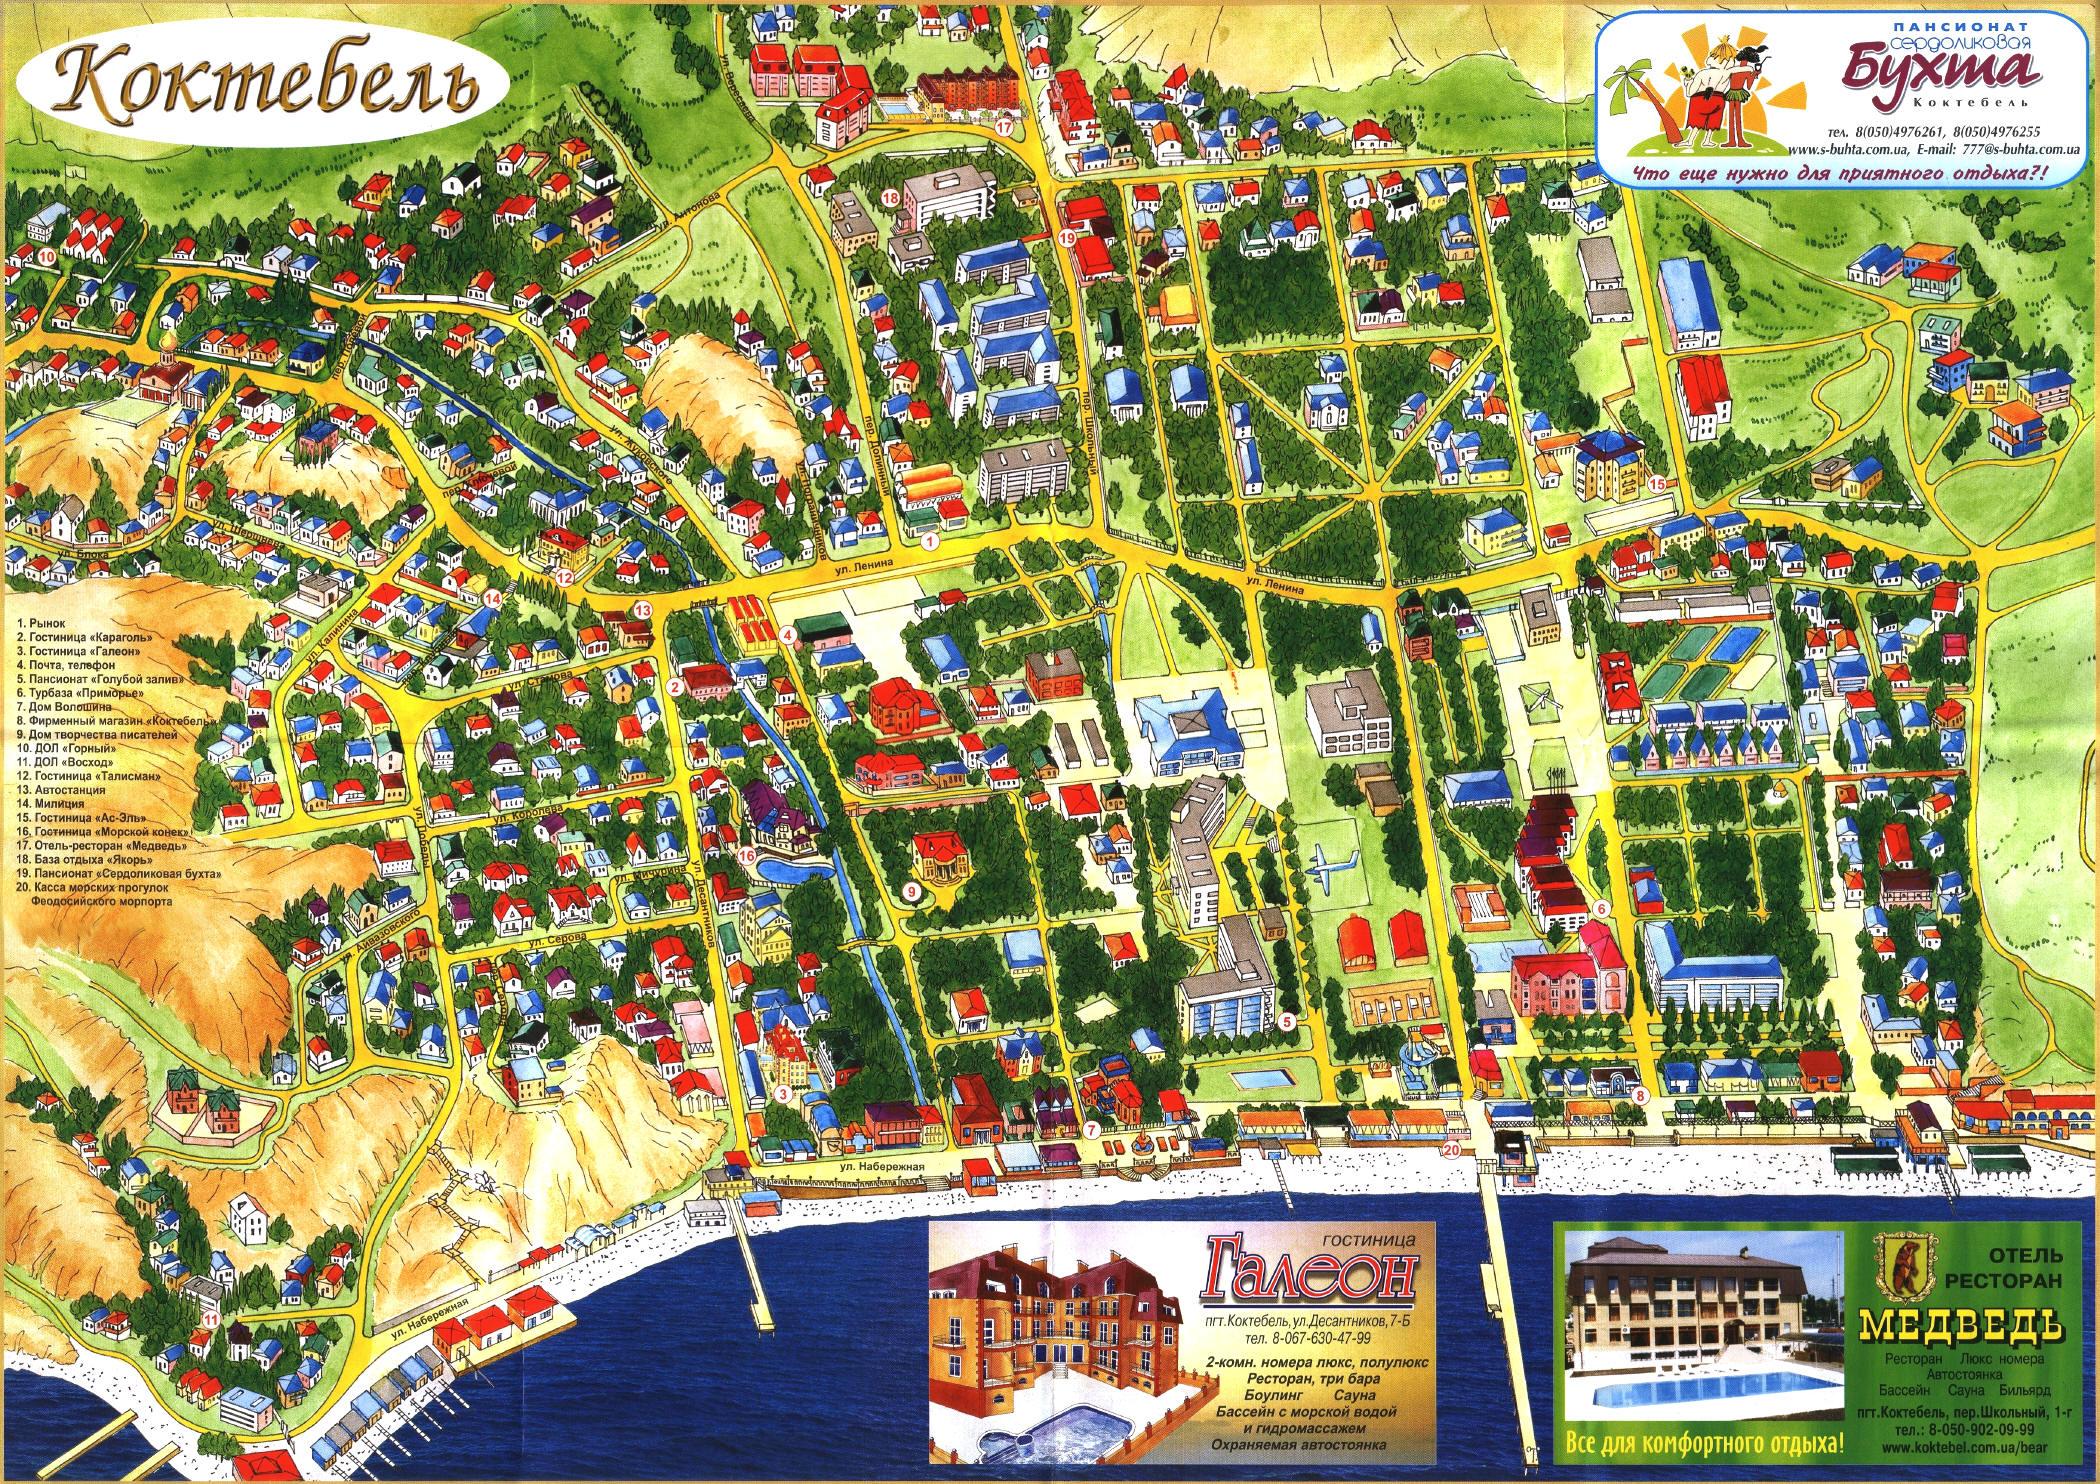 Туристическая карта Коктебеля.  Бесплатно скачать подробную туристическую карту автомобильных дорог и...